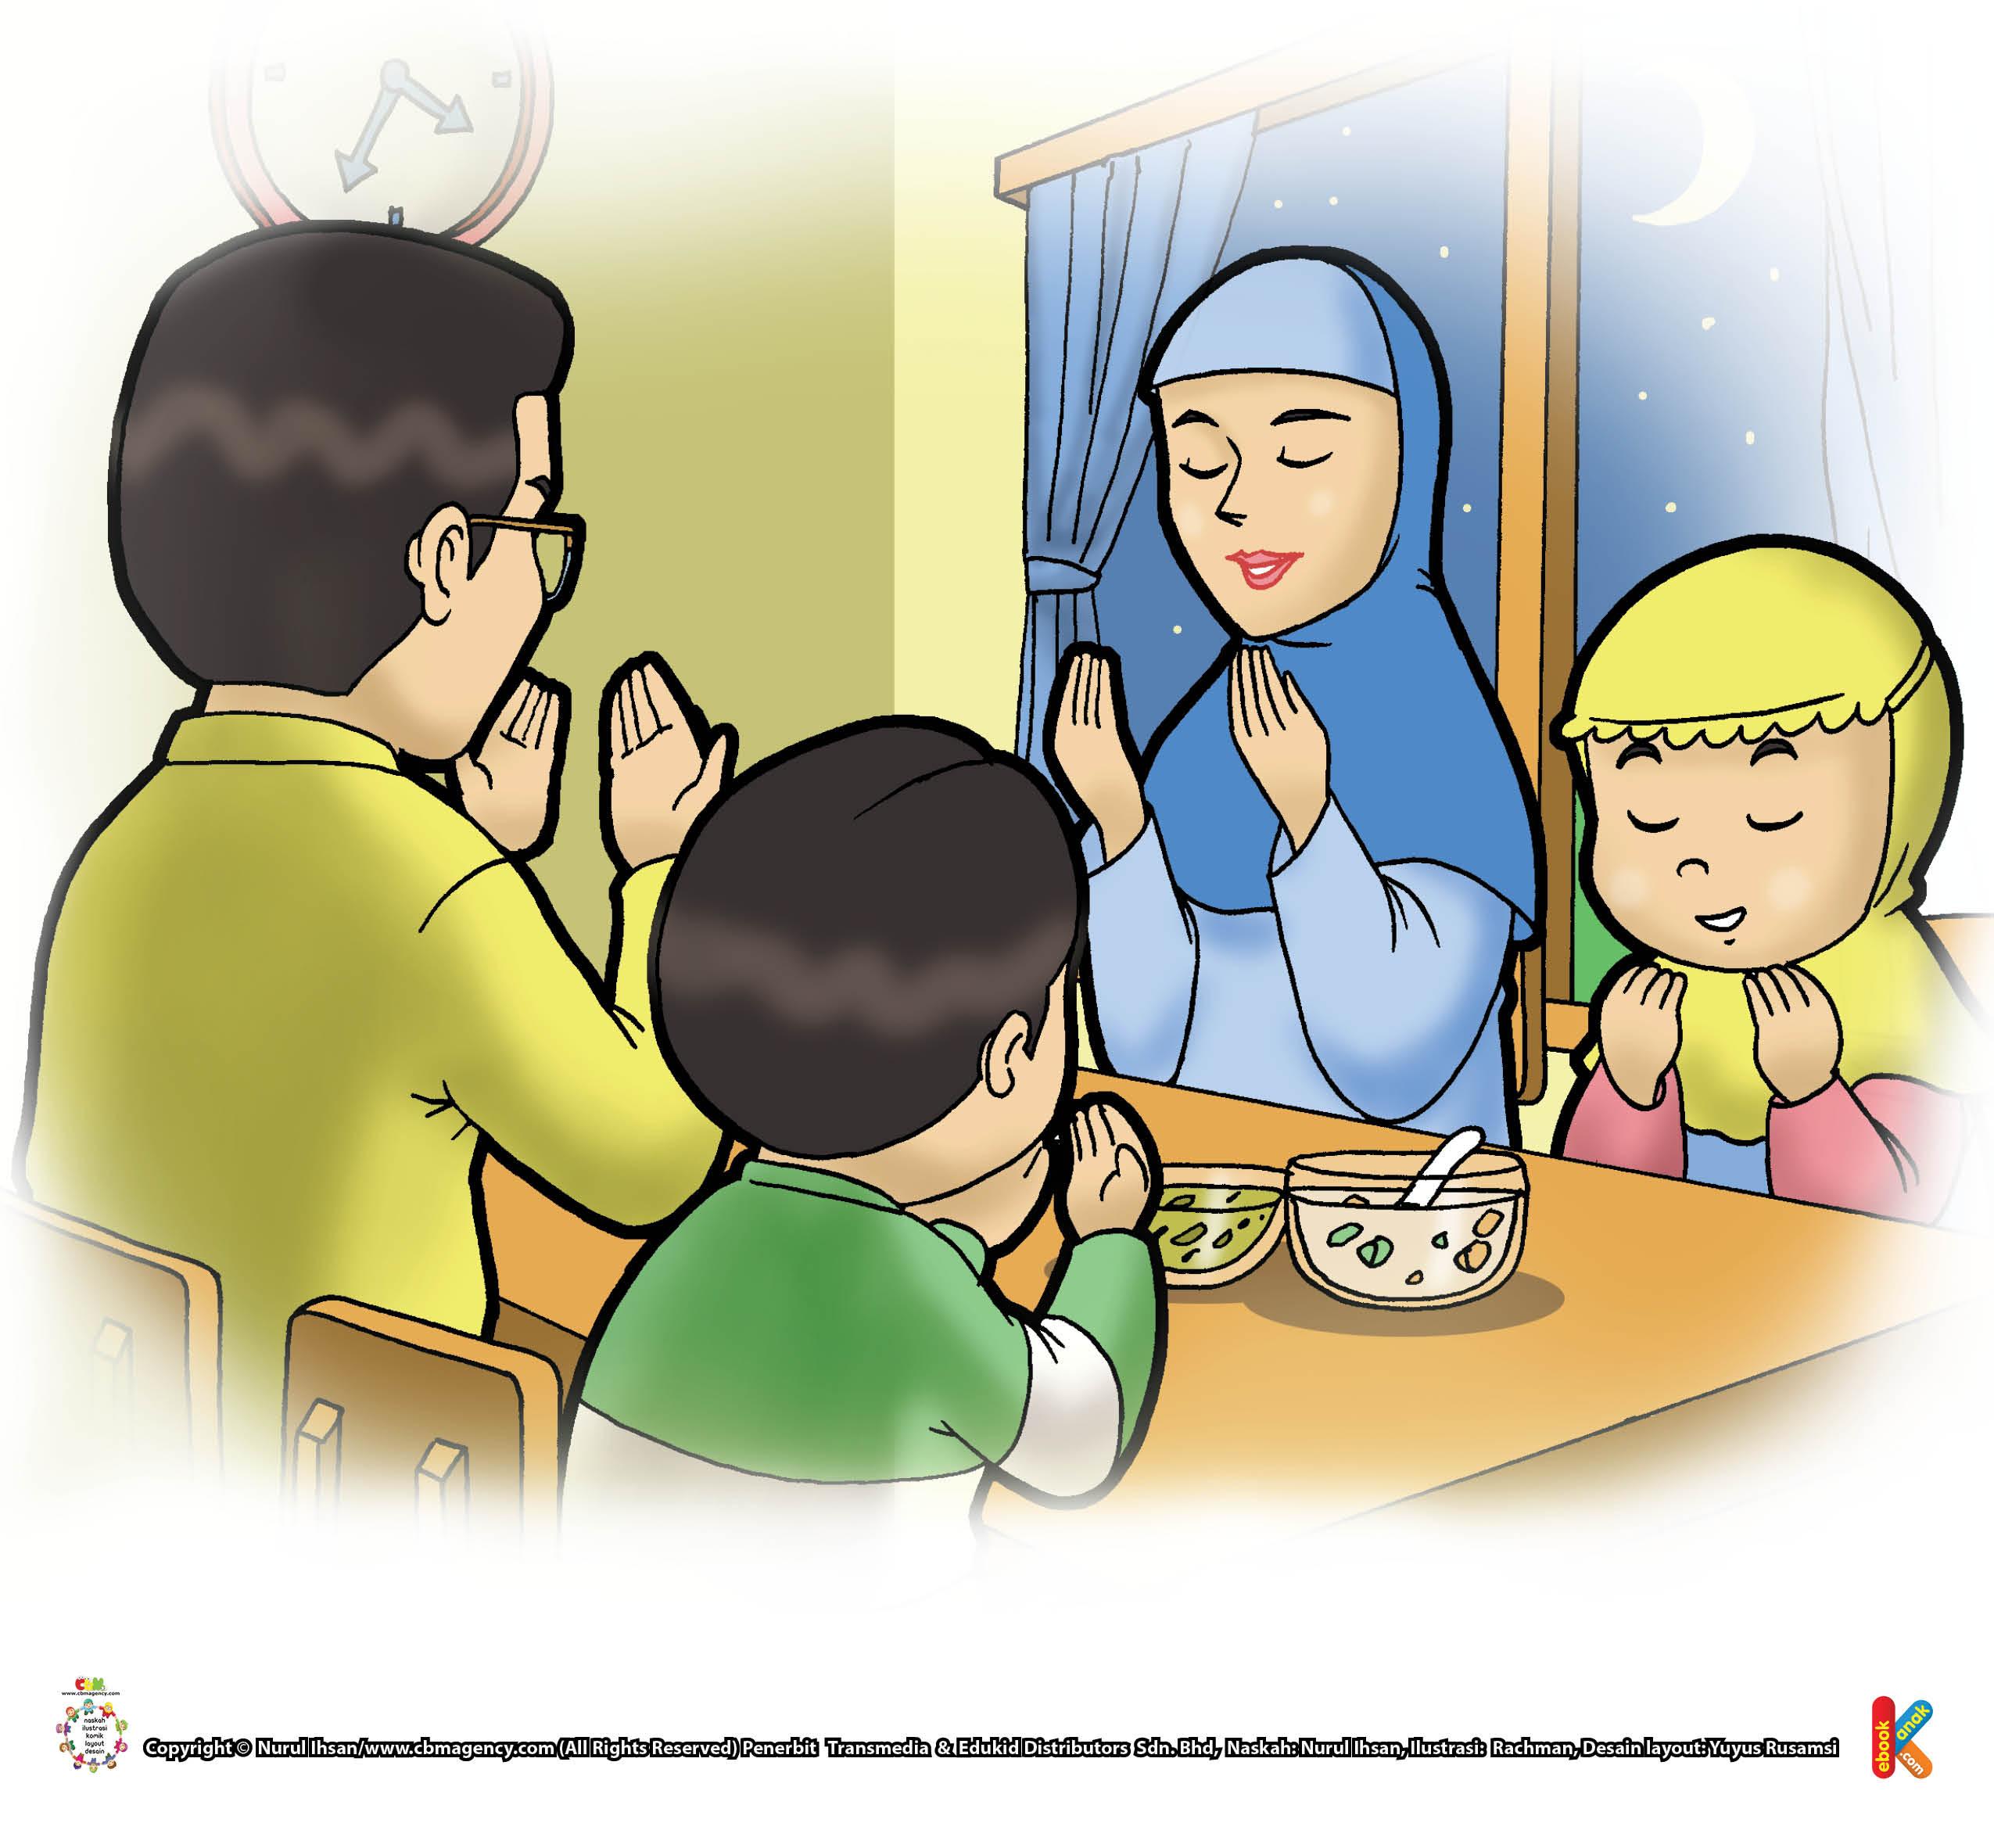 Arti niat puasa: Aku berniat berpuasa Ramadhan fardhu karena Allah Ta'ala.